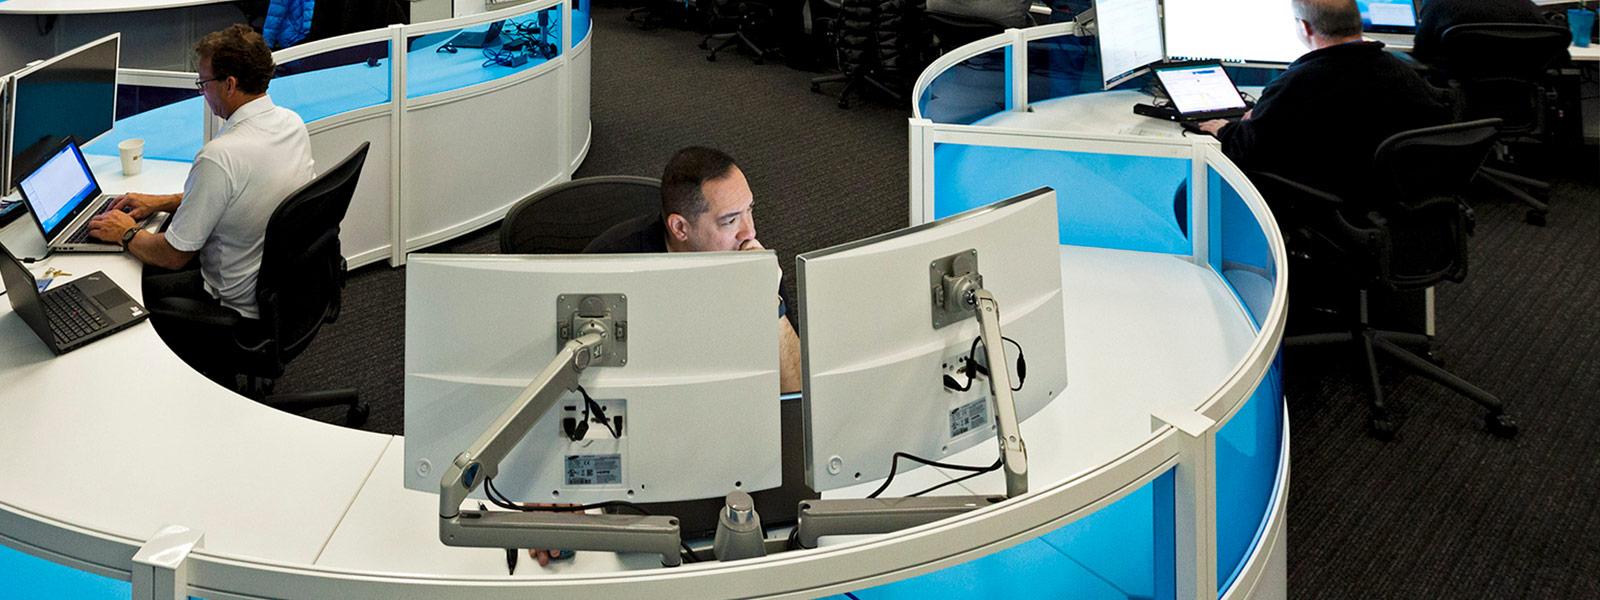 一位男士在网络安全中心盯着两台监视器